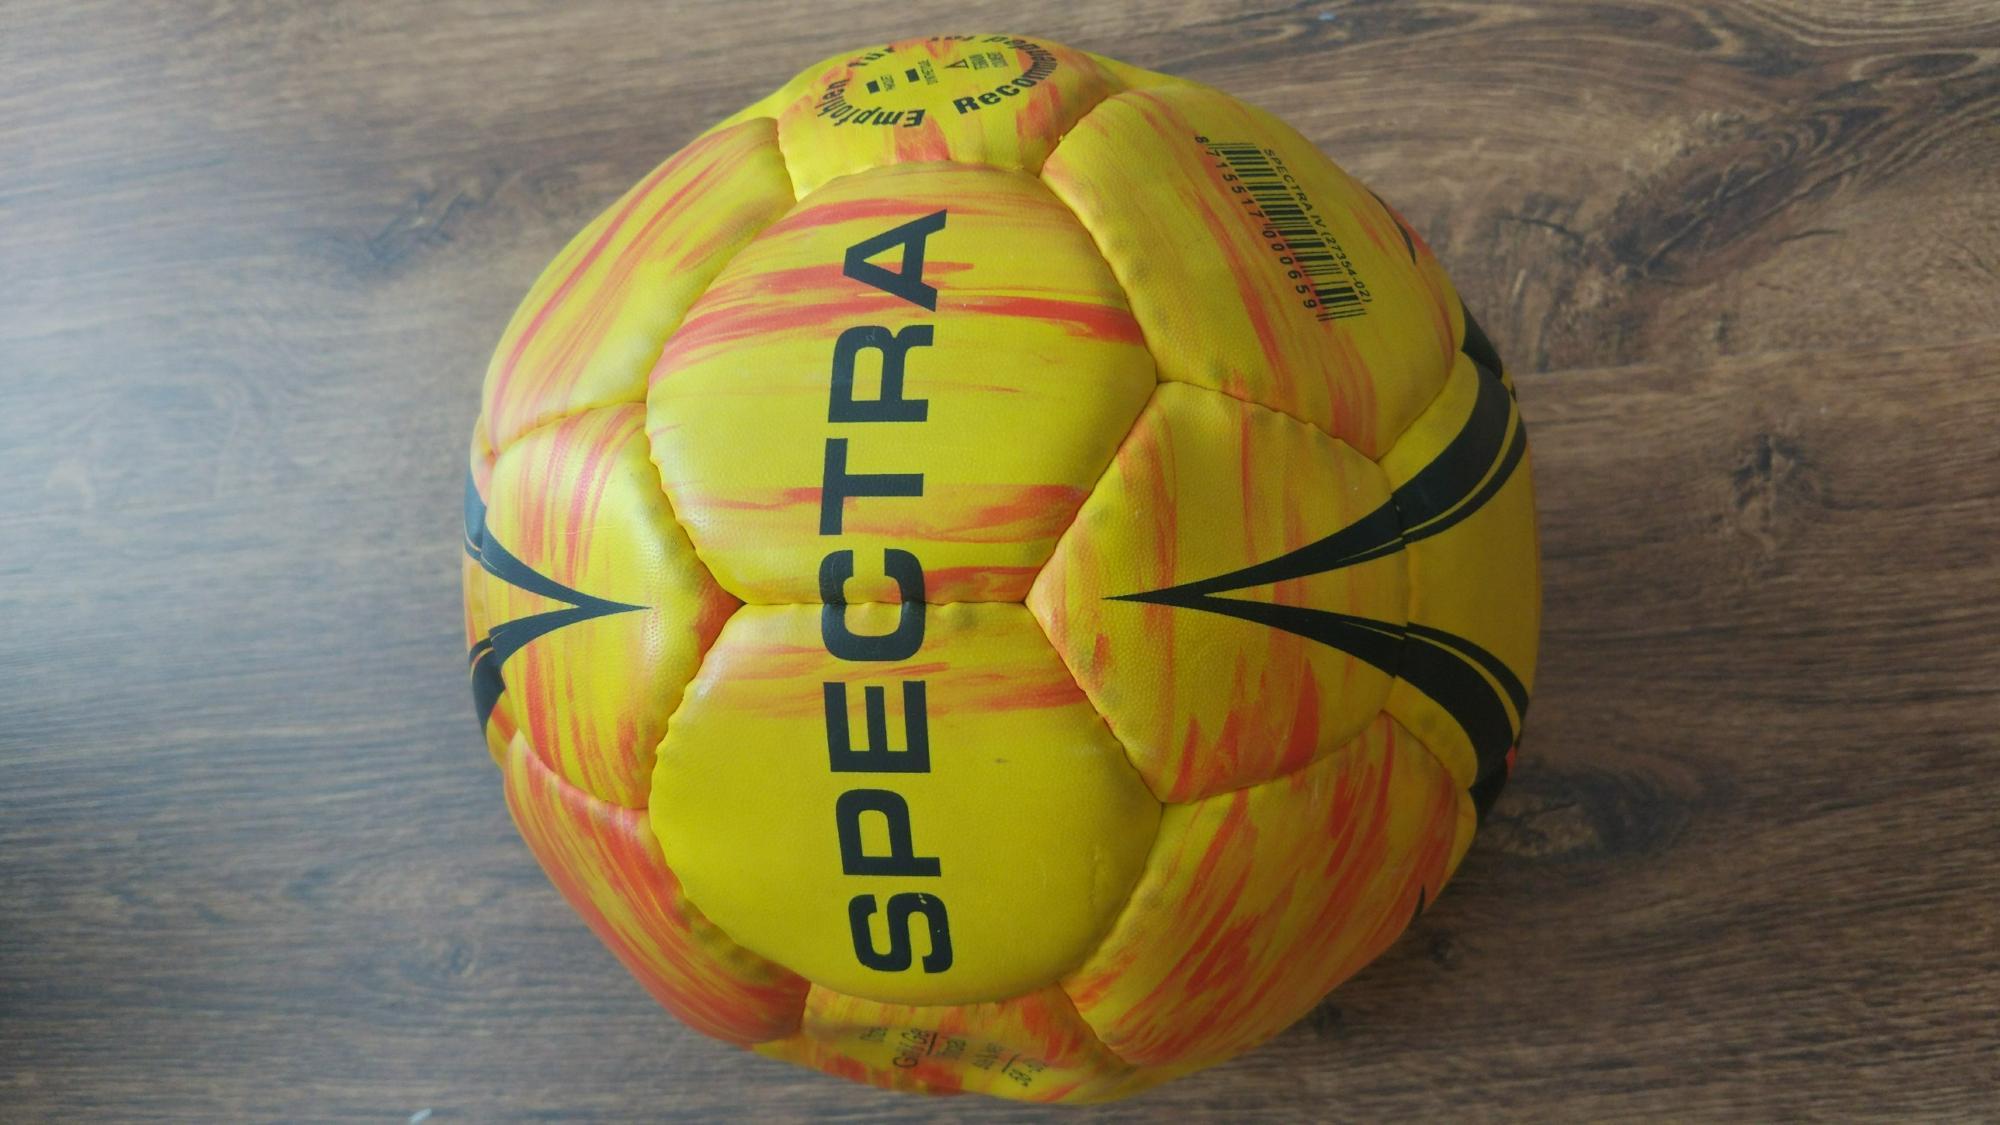 Гандбольный мяч 4 lV rucanor spectra в Москве